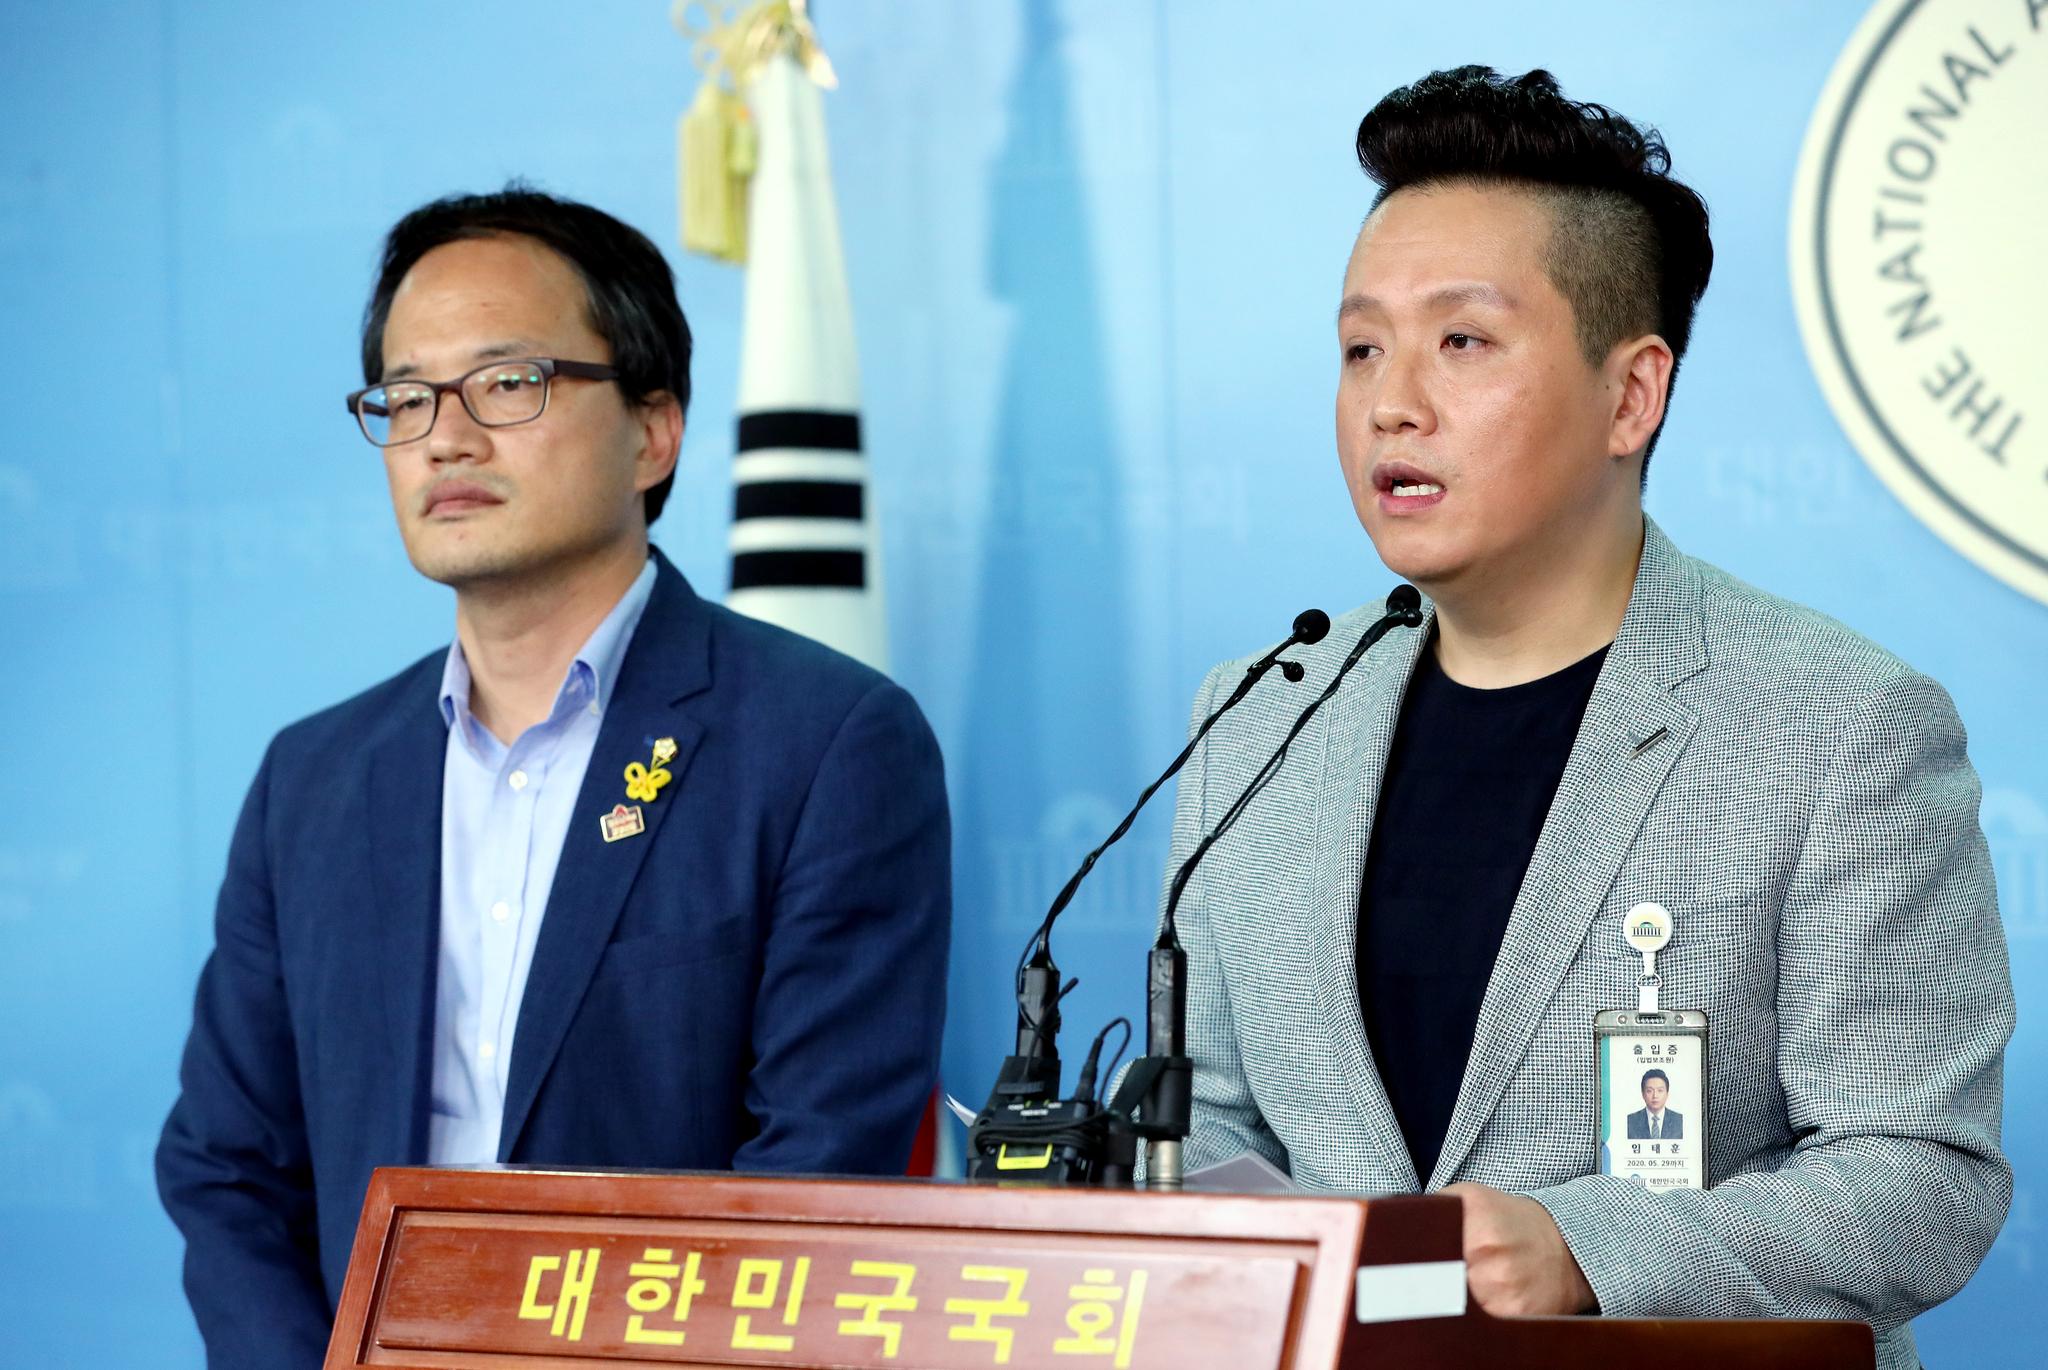 """백승주 """"임태훈, 성 정체성 보다 정치적 정체성이 더 심각"""""""